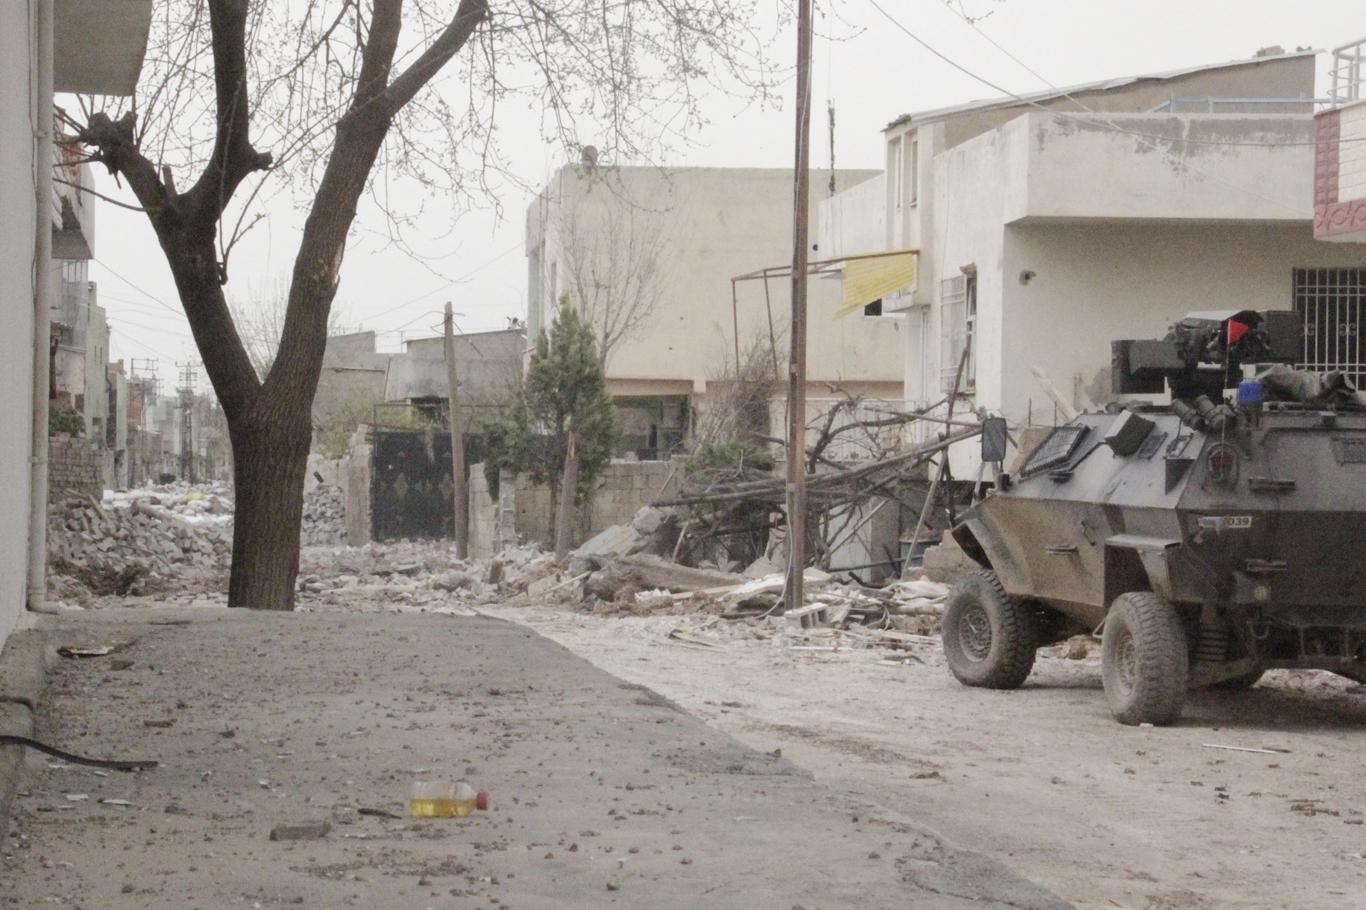 Nusaybin'debomba patladı 1 asker hayatını kaybetti 7 kişi yaralandı